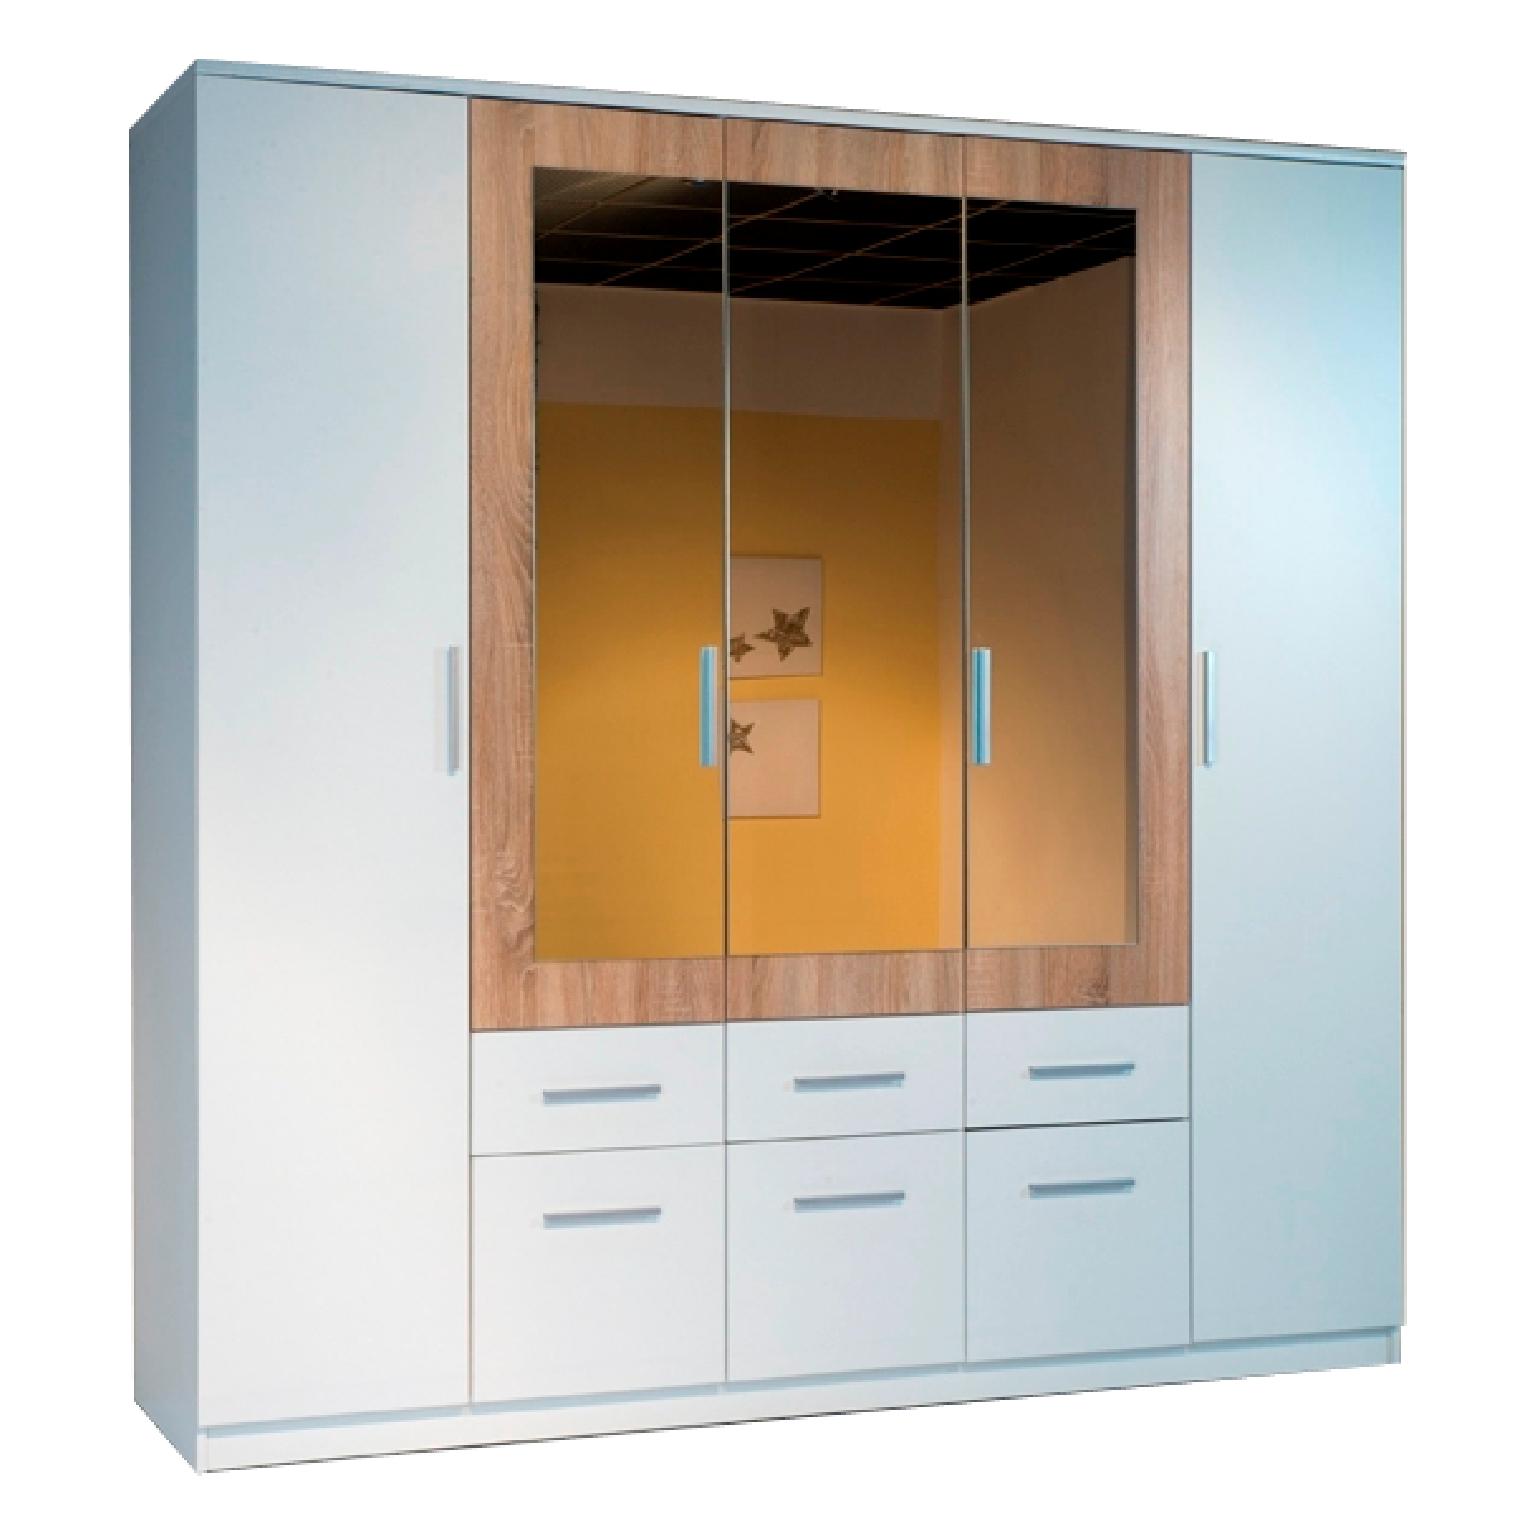 Шкаф ШР-708Шкафы<br>Размер: 2000х2200х530<br><br>Материалы: ЛДСП Kronospan - 16 мм., кромка ПВХ - 0,4 мм., зеркало<br>Полный размер (ДхВхГ): 2000х2200х530<br>Наполнение шкафа: Платье+Белье+Платье<br>Примечание: Доставляется в разобранном виде<br>Изготовление и доставка: 10-14 дней<br>Условия доставки: Бесплатная по Москве до подъезда<br>Условие оплаты: Оплата наличными при получении товара<br>Доставка по МО (за пределами МКАД): 30 руб./км<br>Доставка в пределах ТТК: Доставка в центр Москвы осуществляется ночью, с 22.00 до 6.00 утра<br>Подъем на грузовом лифте: 700 руб.<br>Подъем без лифта: 350 руб./этаж, включая первый<br>Сборка: 10% от стоимости изделия<br>Гарантия: 12 месяцев<br>Производство: Россия<br>Производитель: Grey